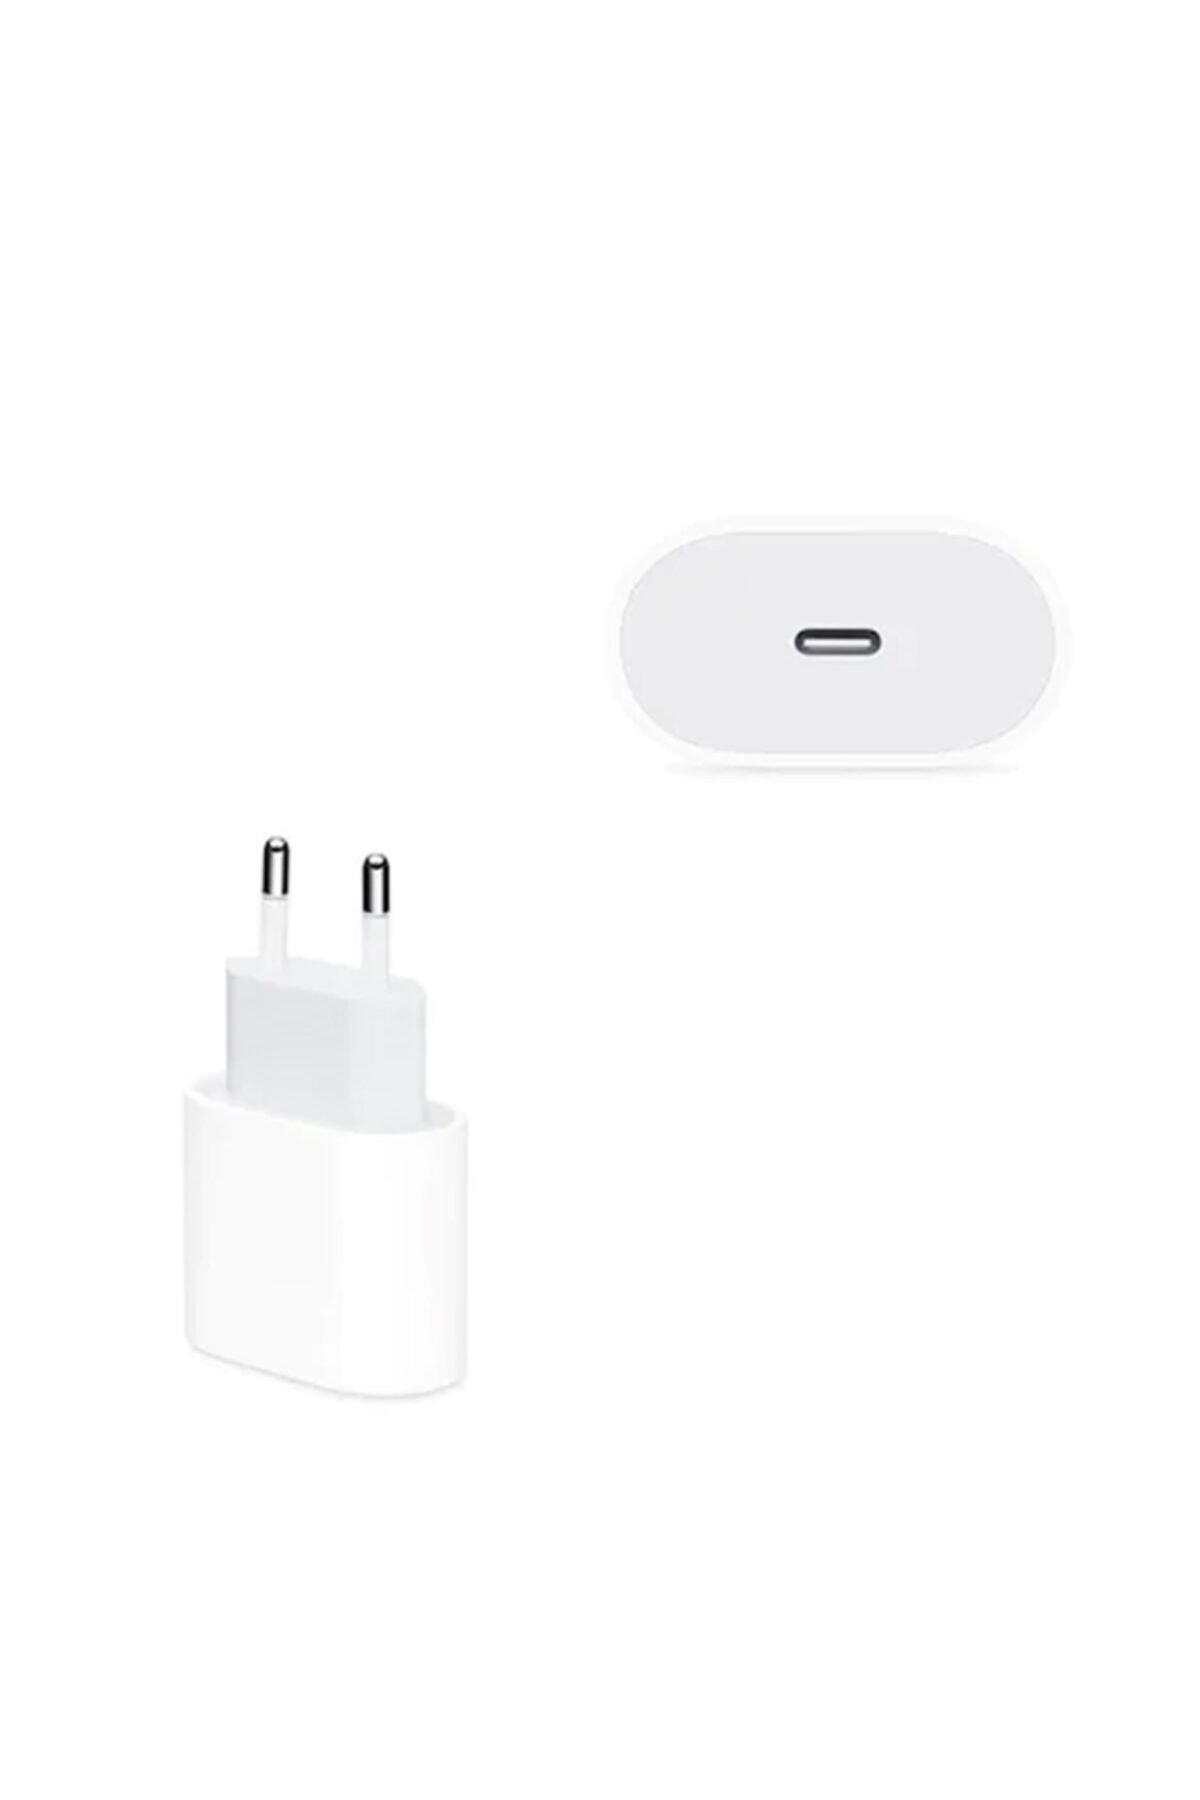 TY Tech Macbook Ipad Iphone 11 / 12 - Pro Max Mini Uyumlu 20w Adaptör Kablo Usb-c Pd Hızlı Şarj Aleti 2